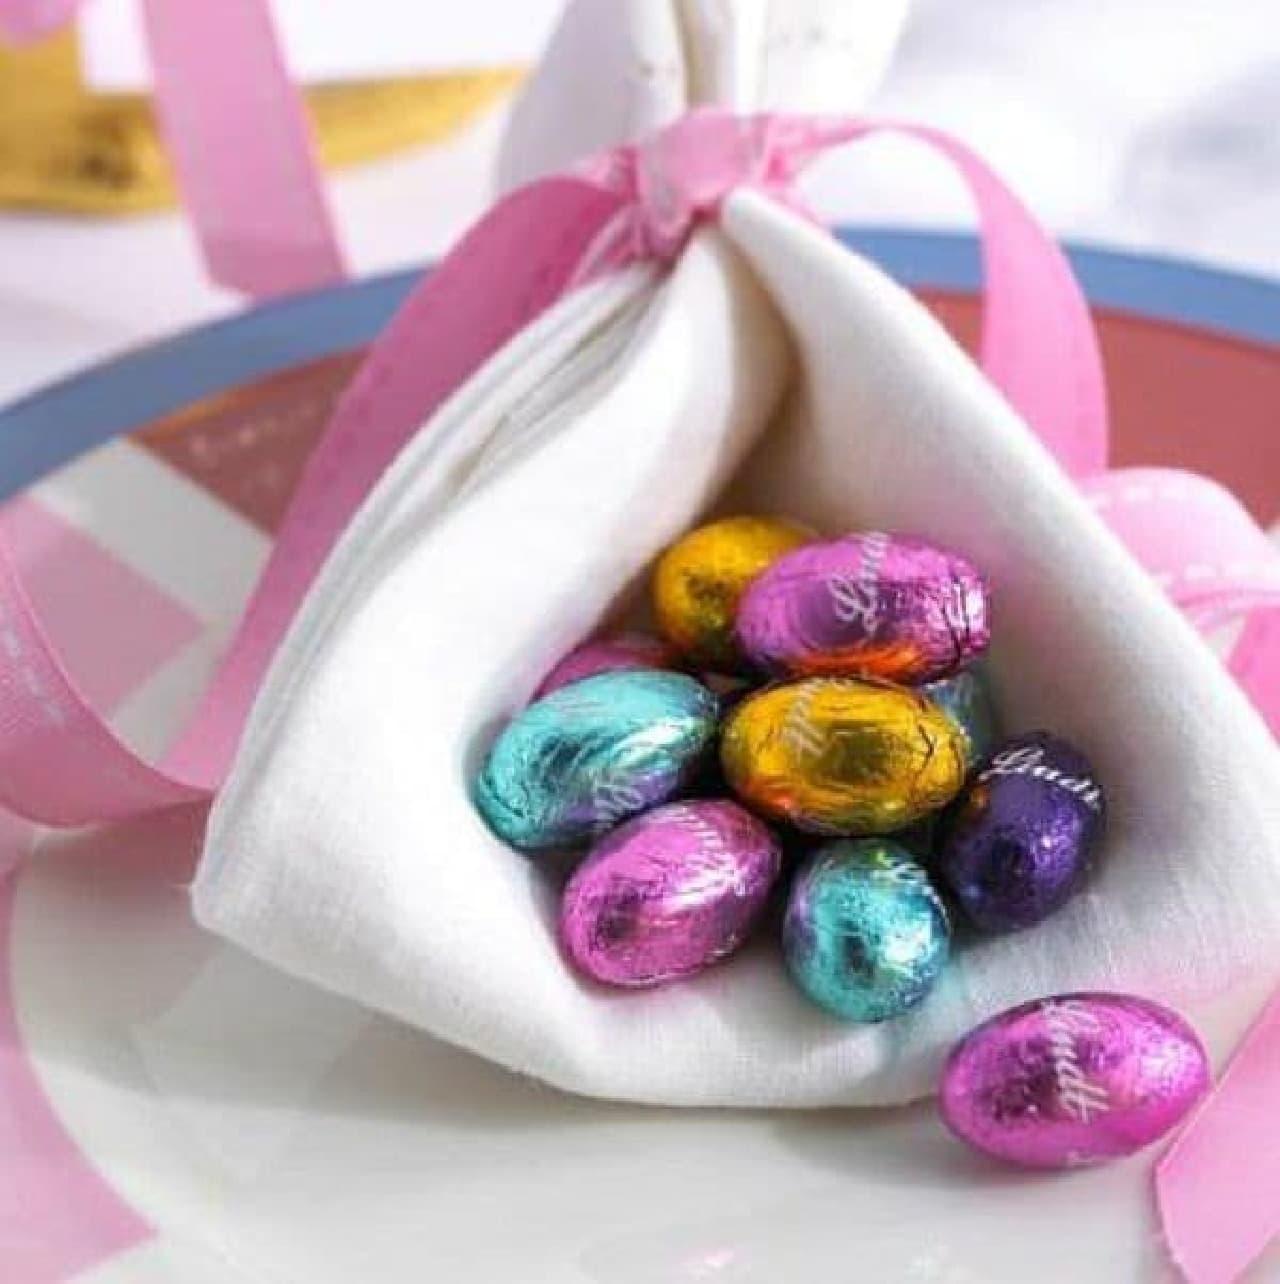 エッグハントバスケットに含まれるエッグチョコレートの一部